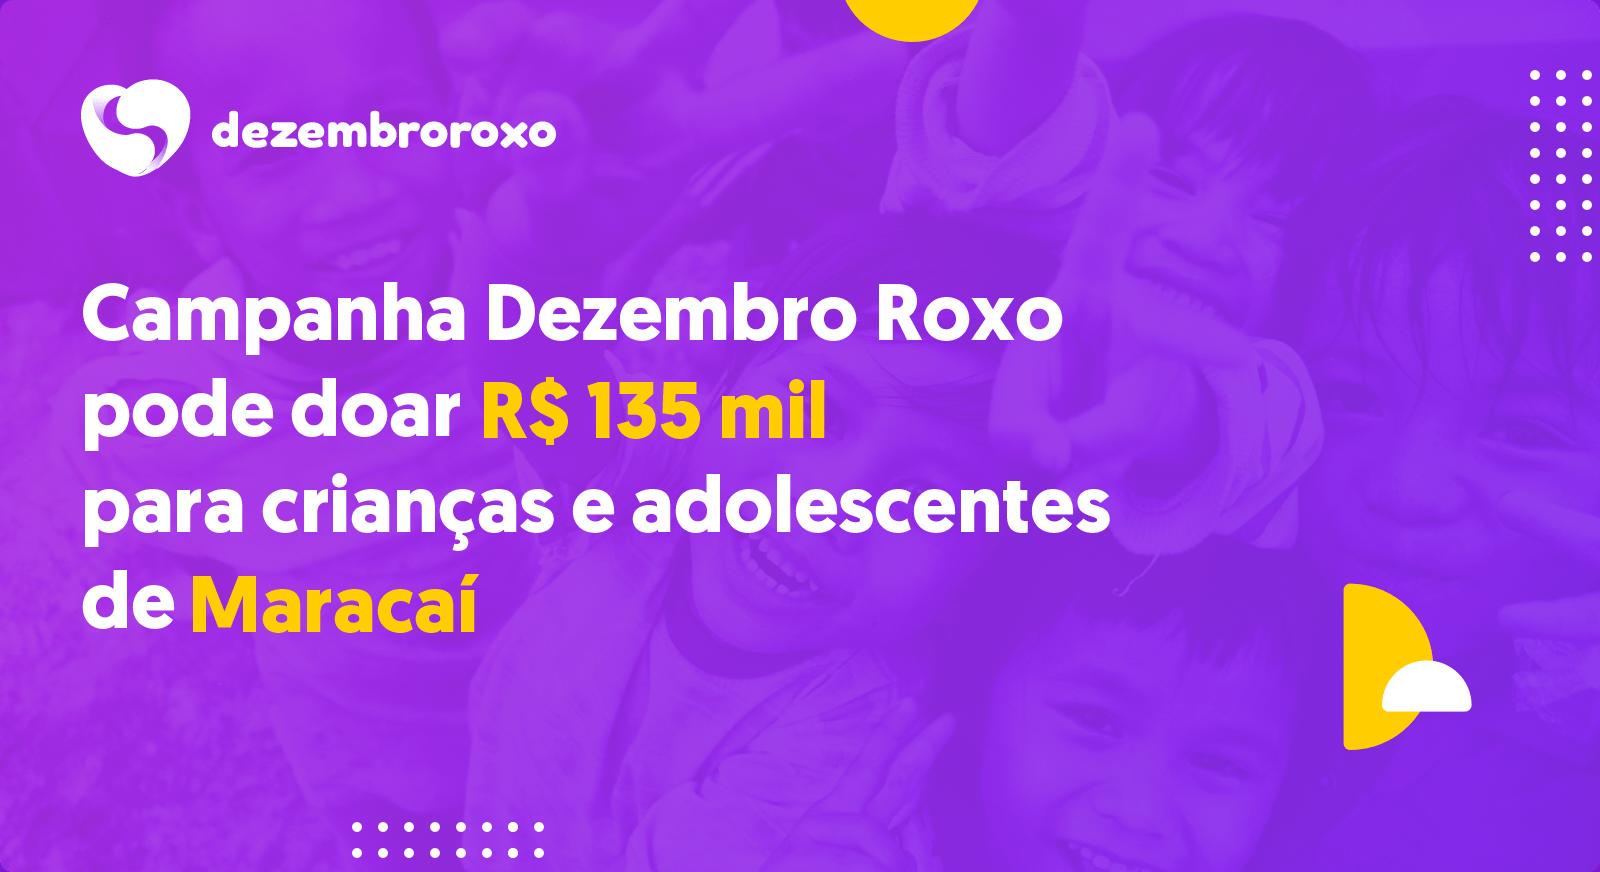 Doações em Maracaí - SP